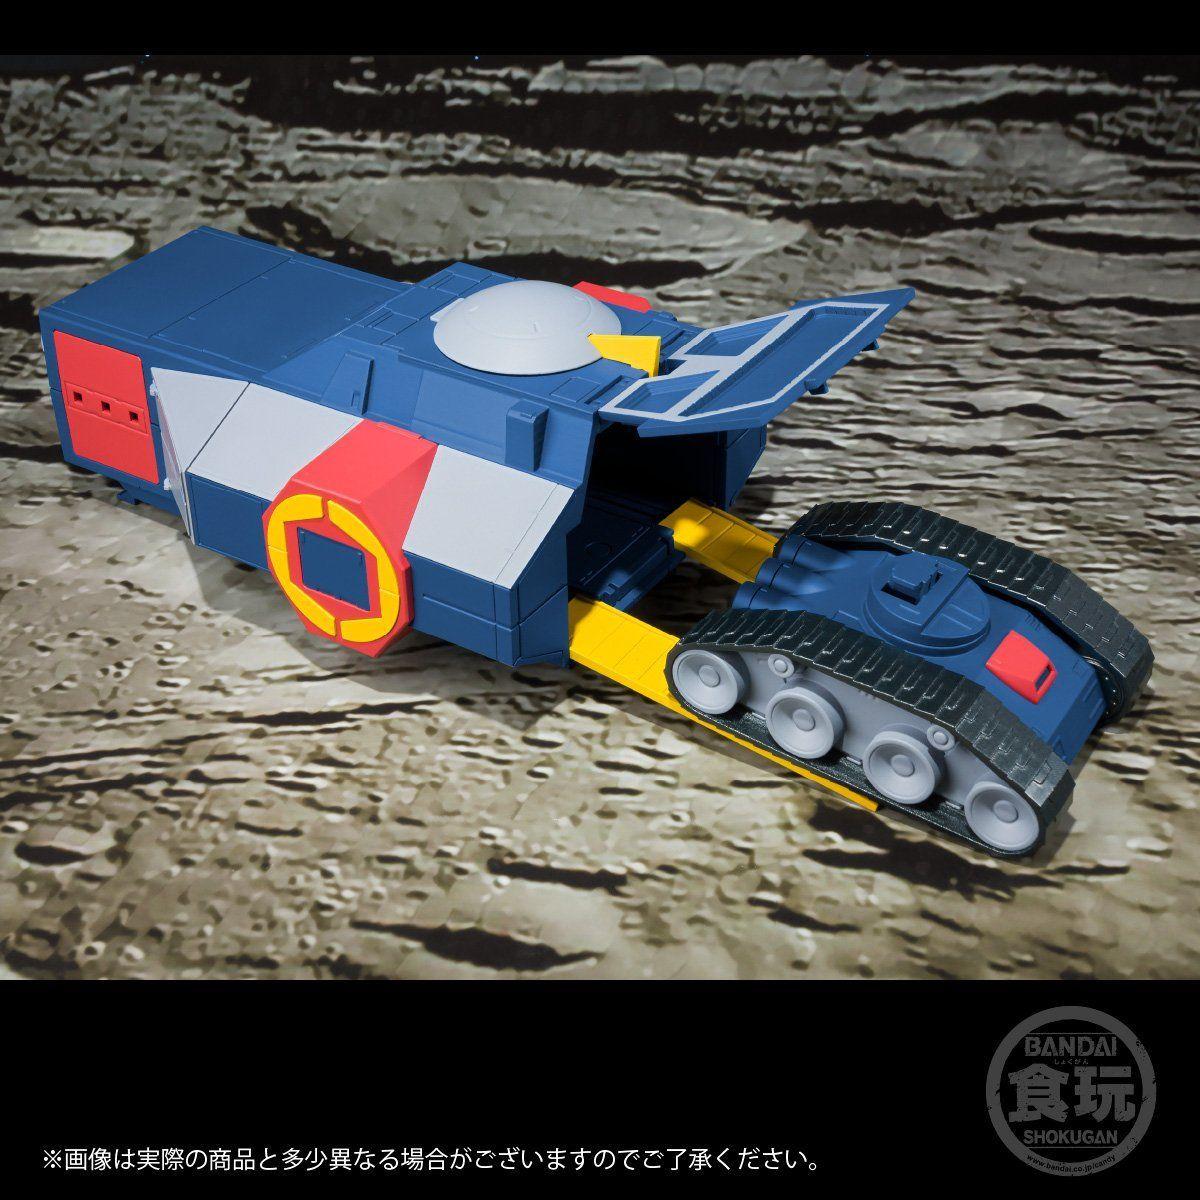 【食玩】スーパーミニプラ『無敵ロボ トライダーG7』3個入りBOX-016